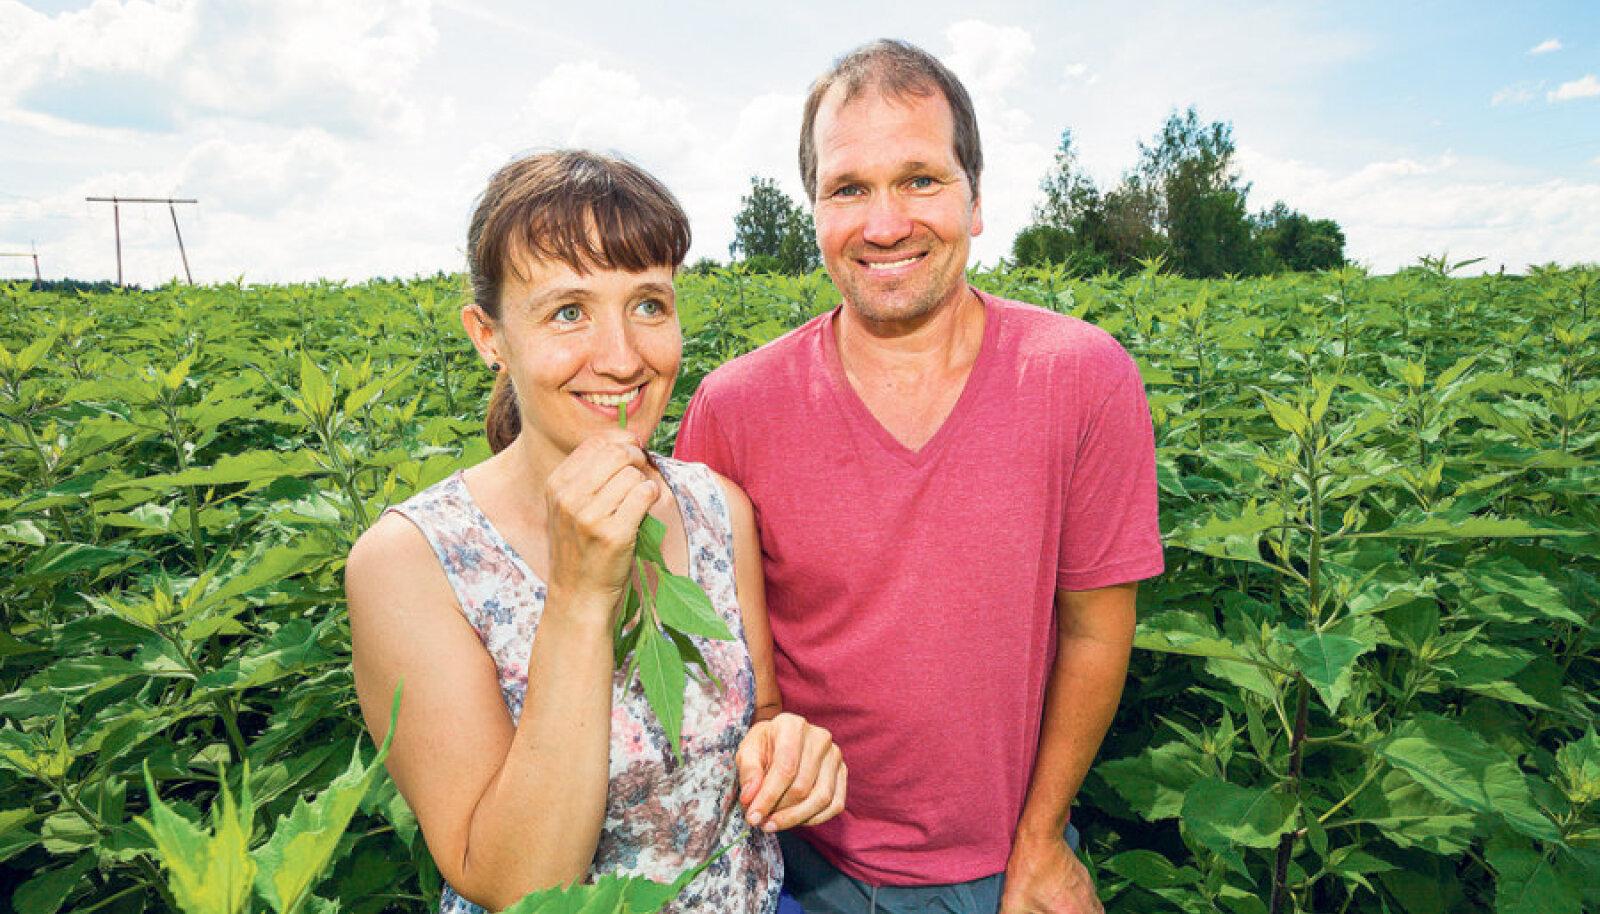 Andeia Kaseorg ja Uku Uibopuu oma       maapirnipõllul, millel kasvav on toonud neile parema tervise ning loodetavasti toob ka sissetuleku.